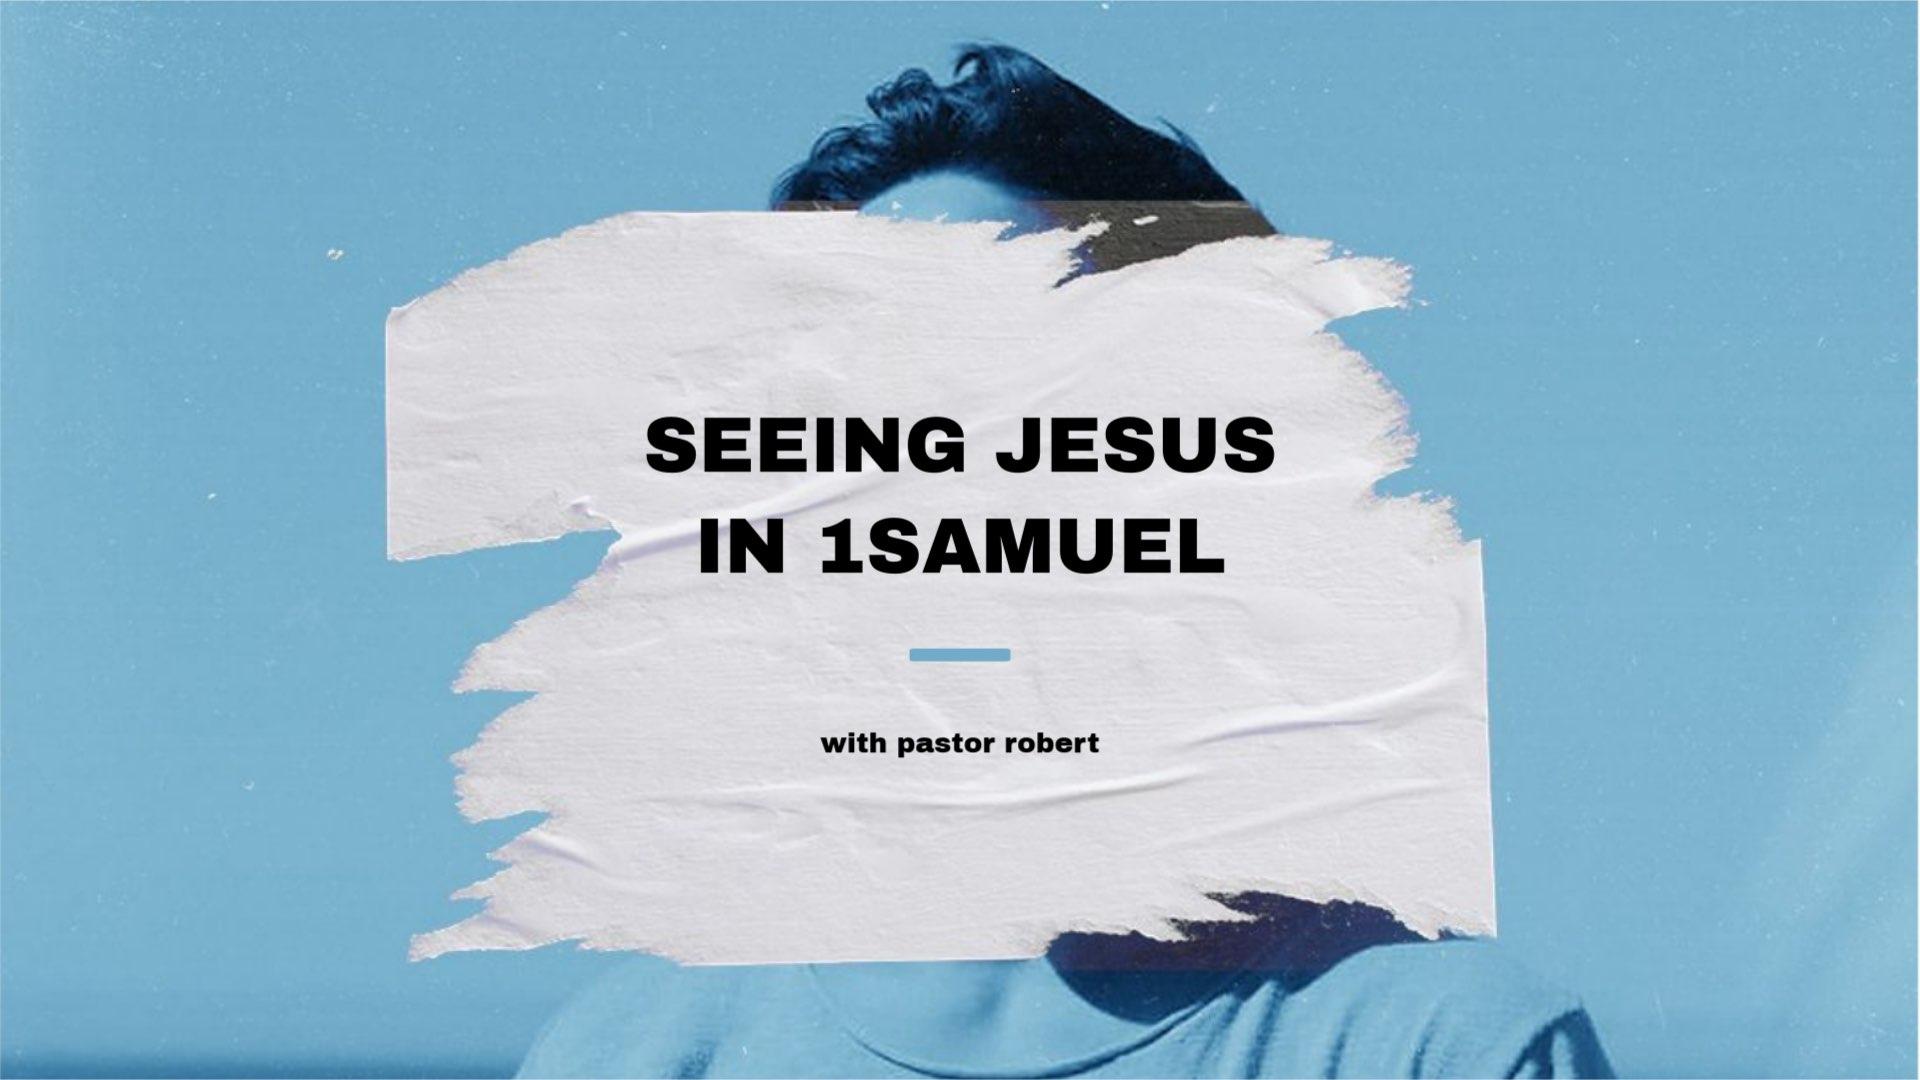 Seeing Jesus in 1 Samuel